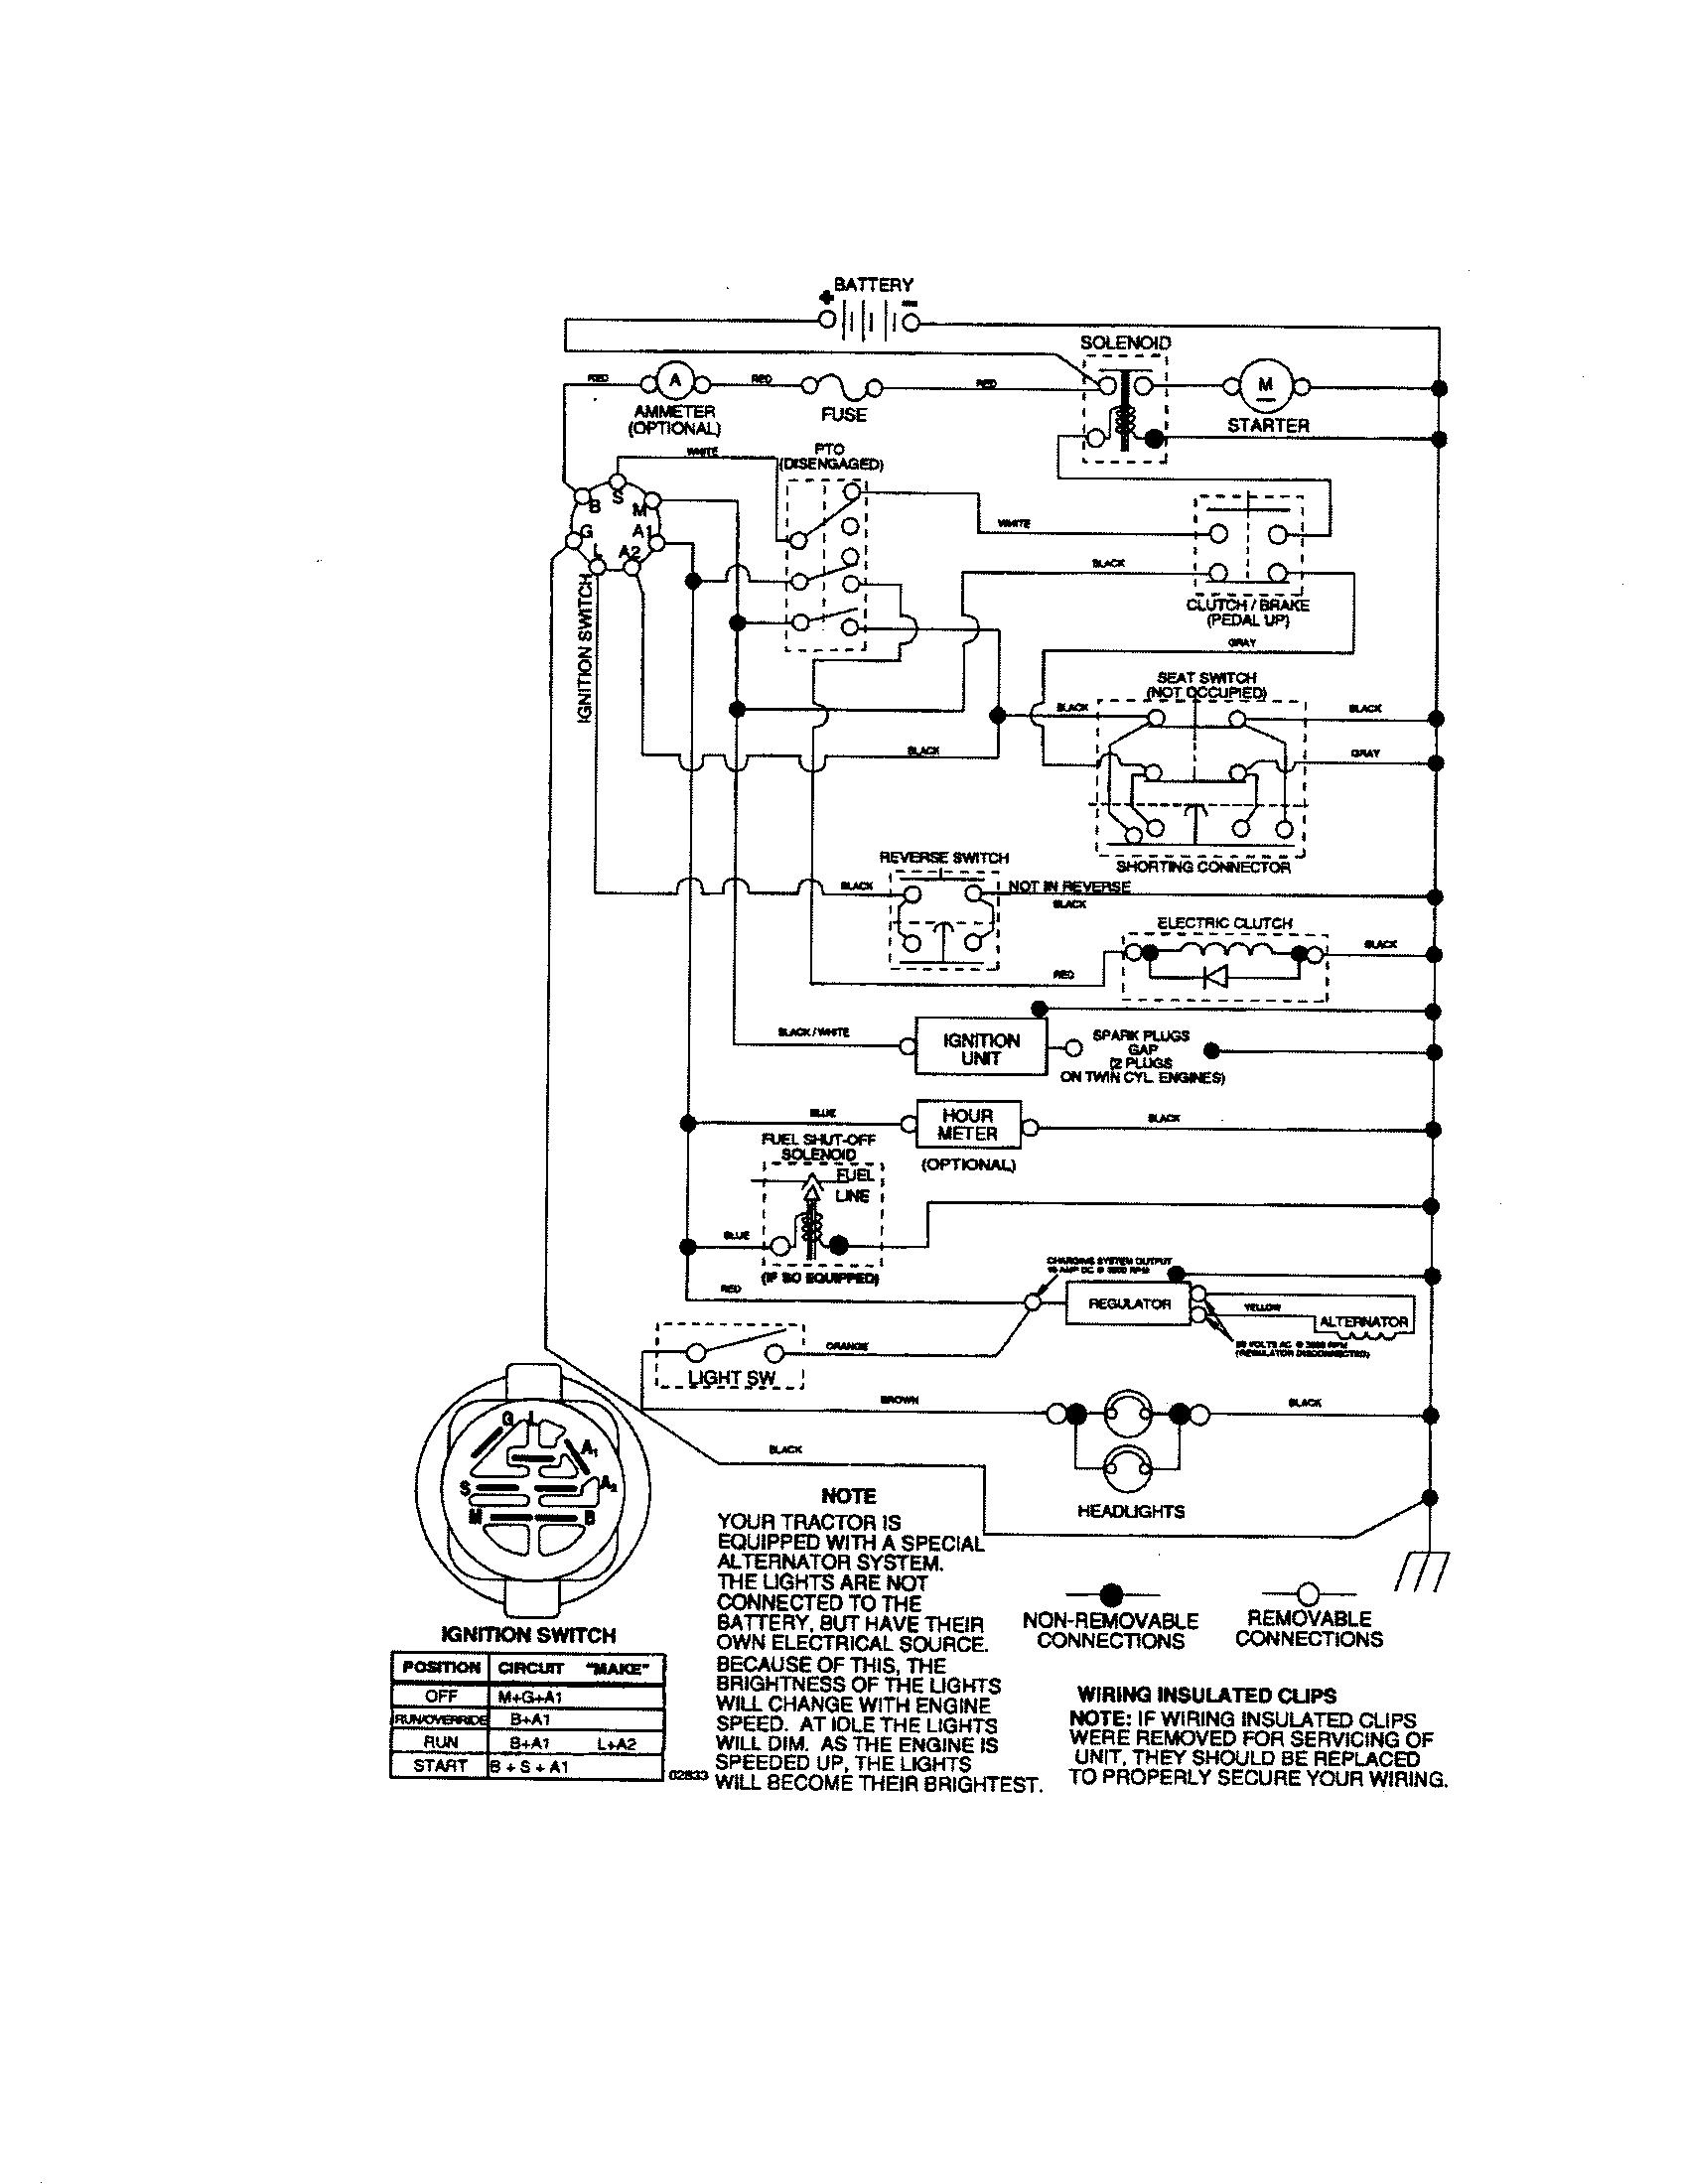 [WRG-9867] Craftsman Rer 1000 Wiring Schematic